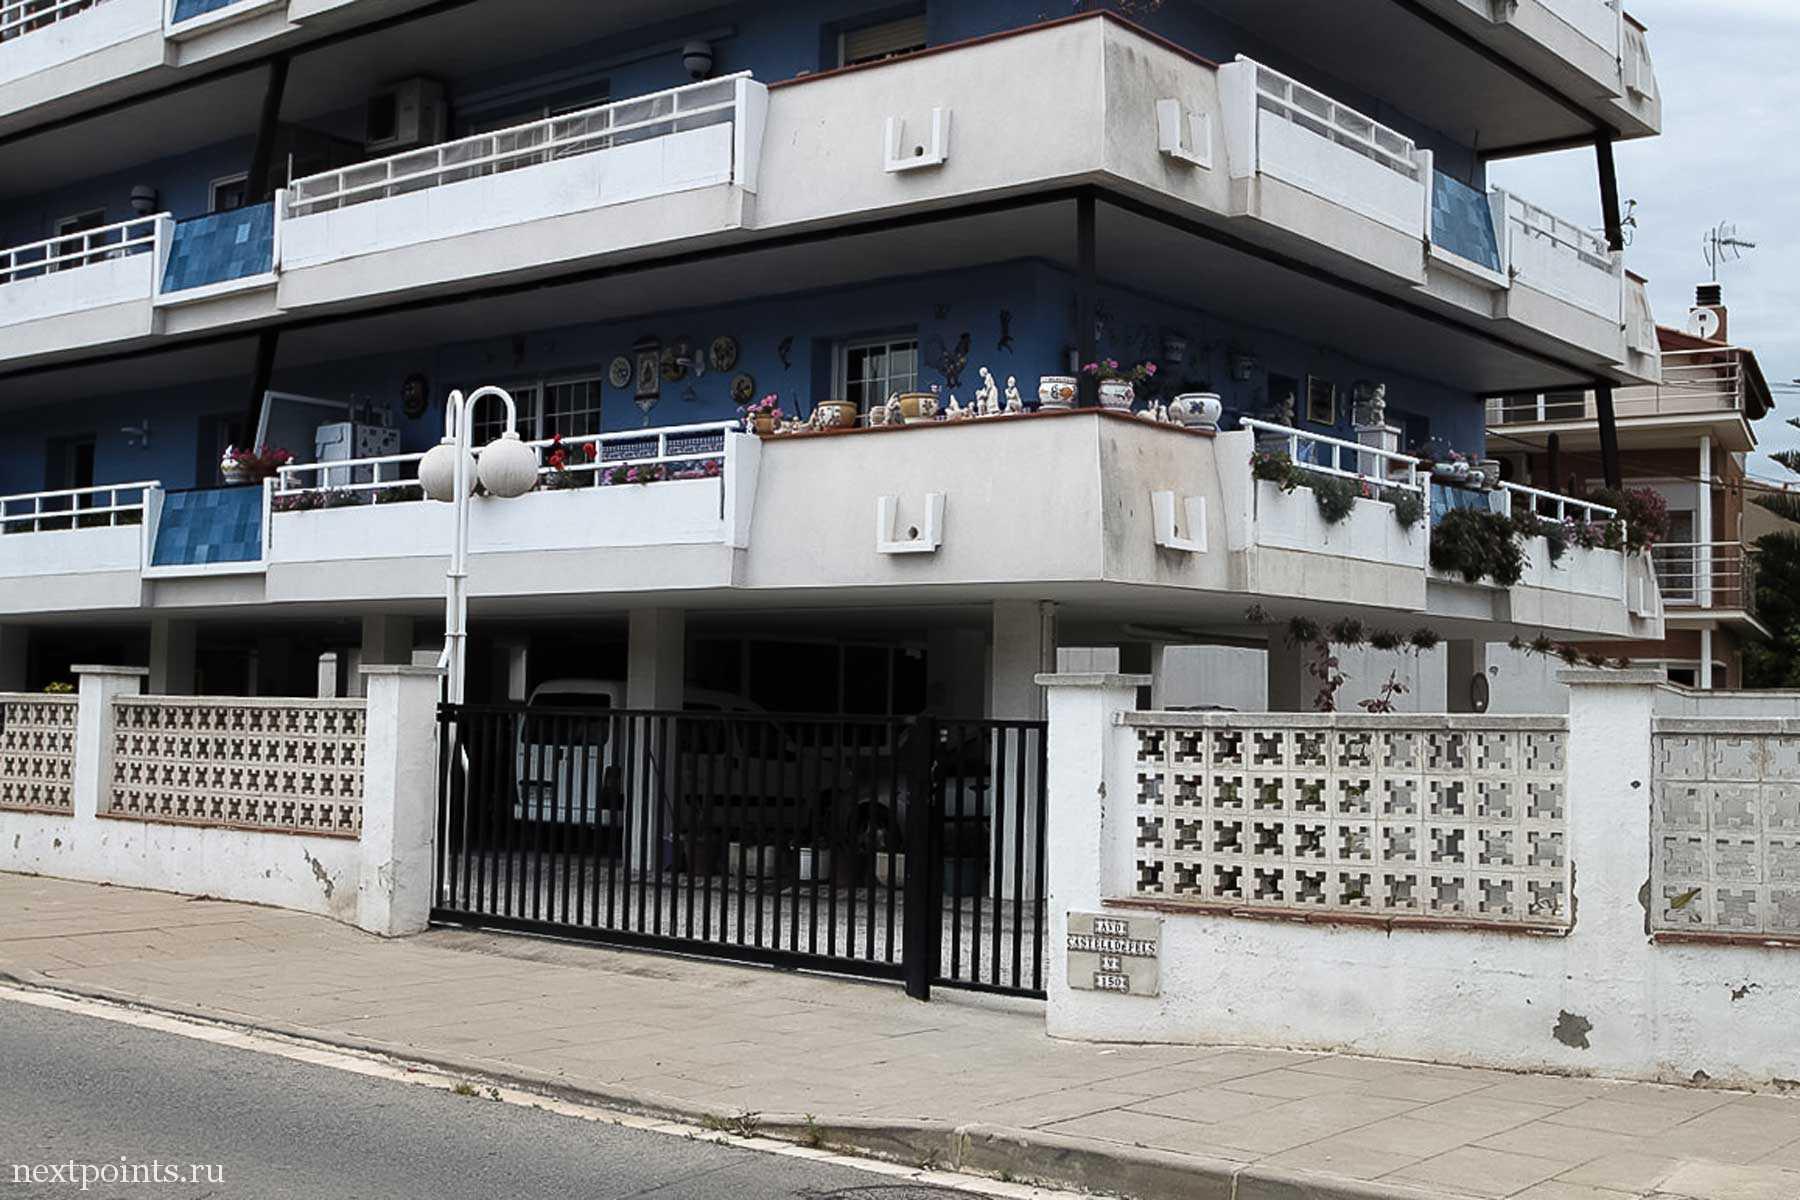 Интересно - в этом доме такие балконы или коридоры?